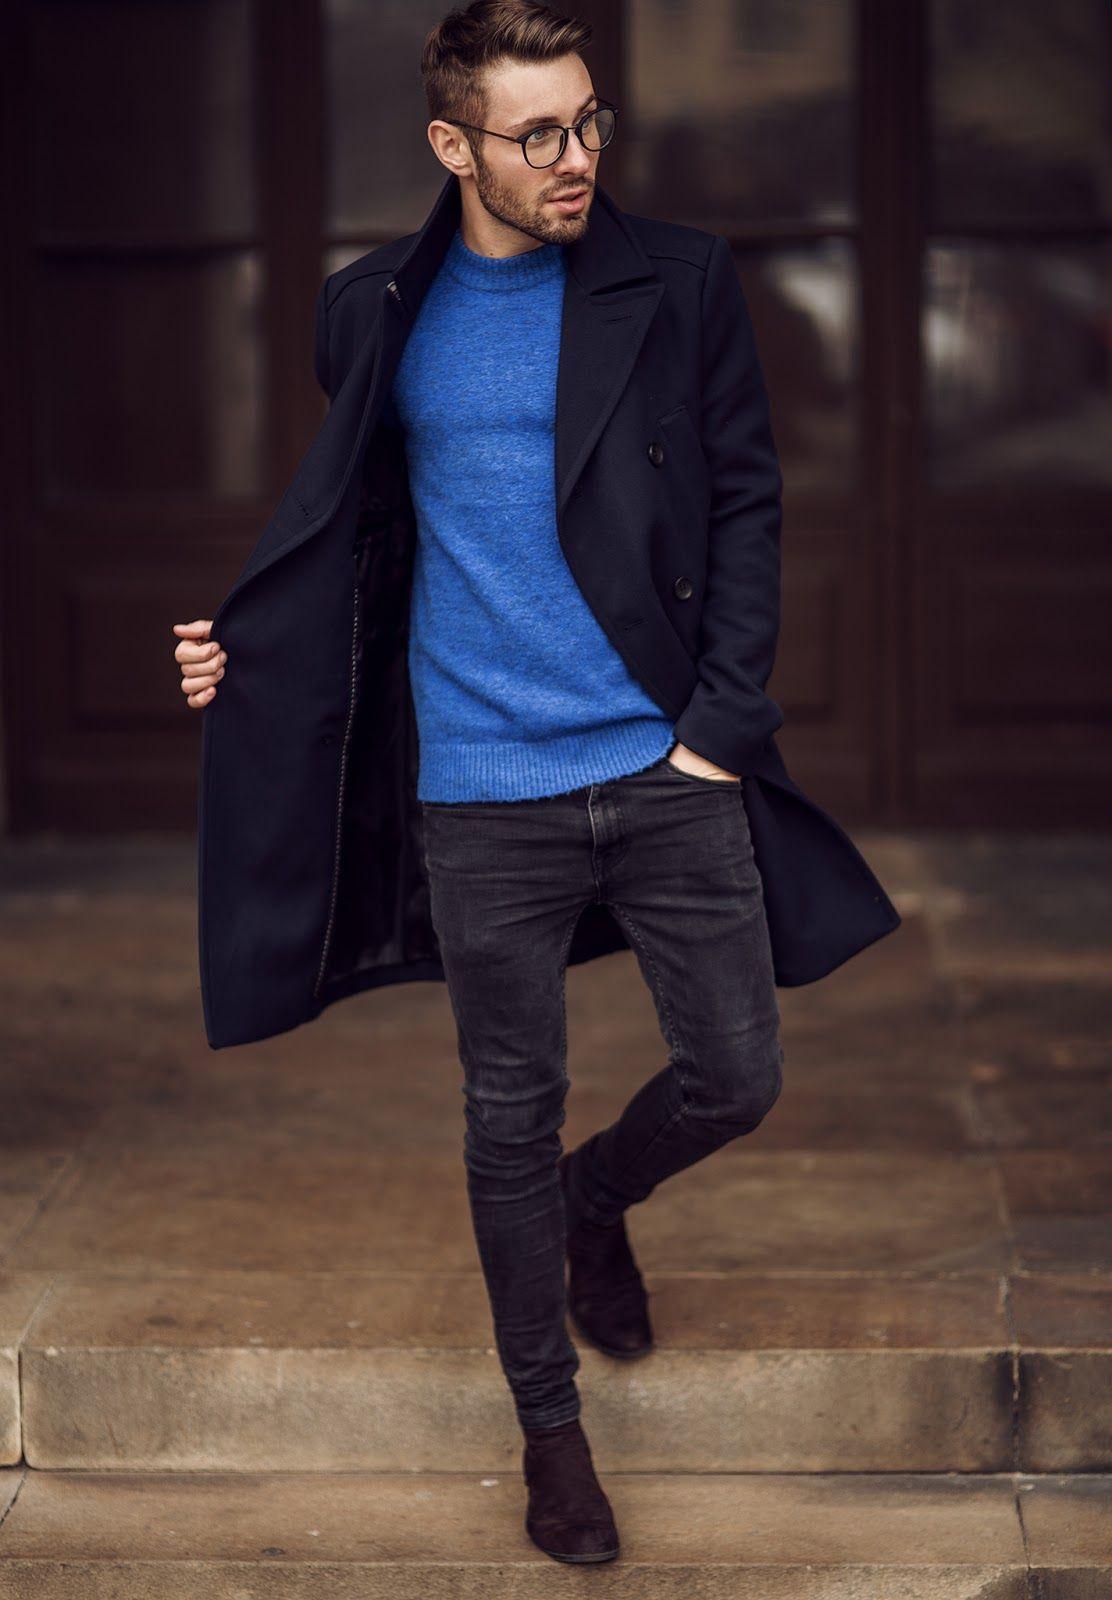 Dwurzędowy płaszcz | REBEL FASHION STYLE